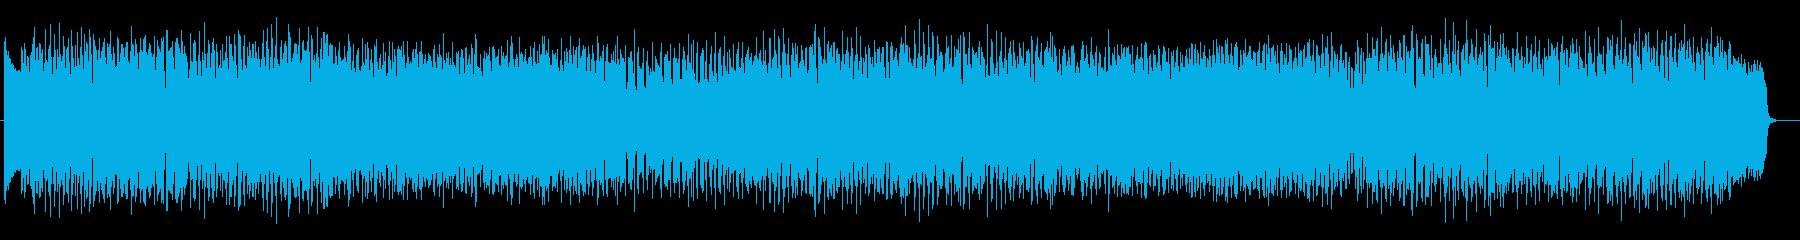 シンセサイザーを使った明るくポップな曲の再生済みの波形